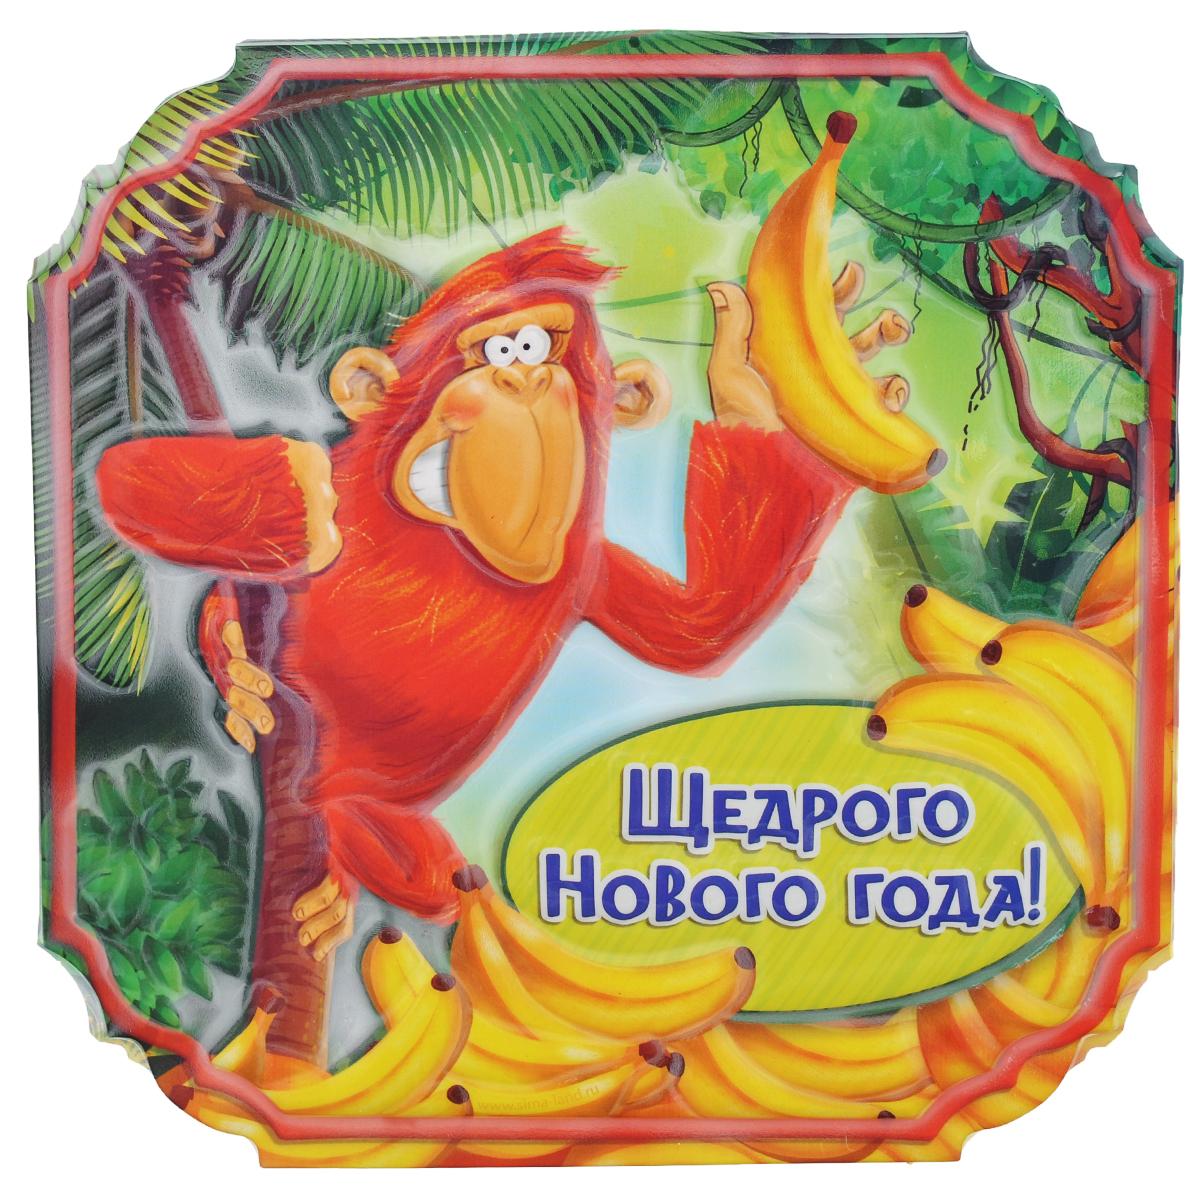 Декоративное настенное украшение Sima-land Панно. Щедрого Нового года!, 24,5 см х 24,5 см1120674Декоративное настенное украшение Sima-land Панно. Щедрого Нового года! поможет украсить дом к предстоящим праздникам. Изделие, выполненное из легкого пластика и оформленное изображением обезьянки с бананами, можно прикрепить как на стену, так и на зеркало или стекло при помощи двухстороннего скотча (входит в комплект). С помощью такого панно вы не только преобразите внутренний антураж помещения, но и создадите волшебную сказку и новогоднее настроение! Новогодние украшения всегда несут в себе волшебство и красоту праздника. Создайте в своем доме атмосферу тепла, веселья и радости, украшая его всей семьей.